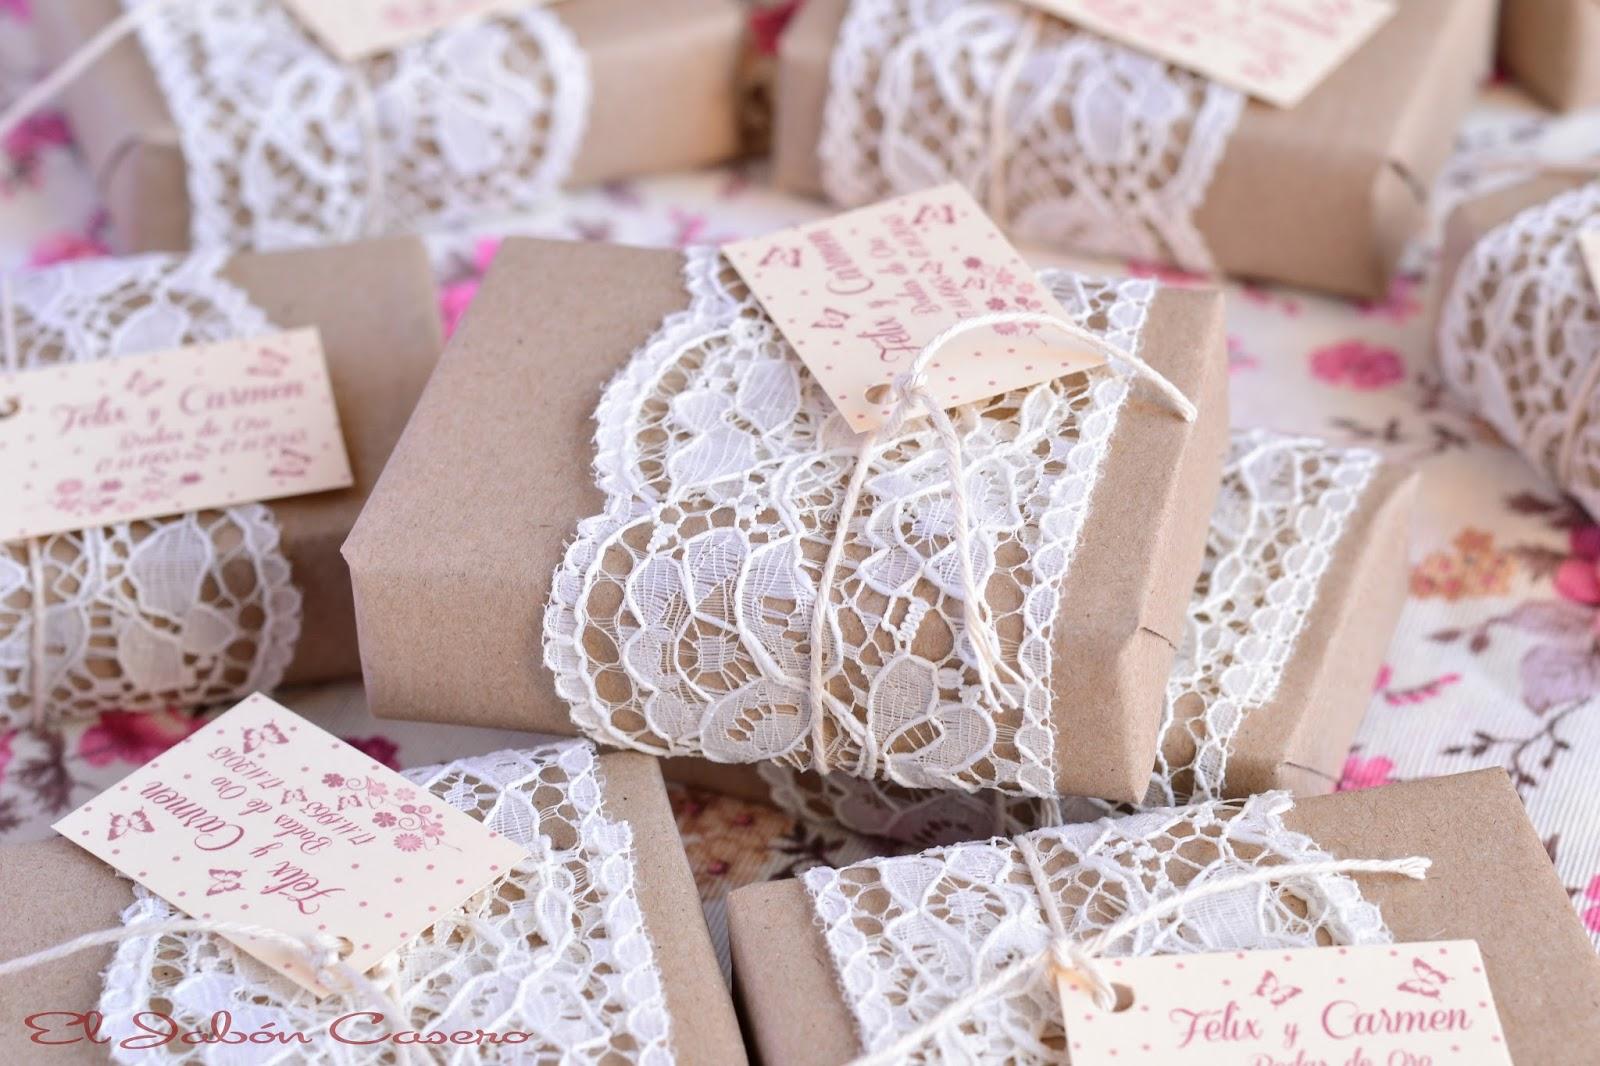 El jab n casero mayo 2014 - Detalles de decoracion para casa ...